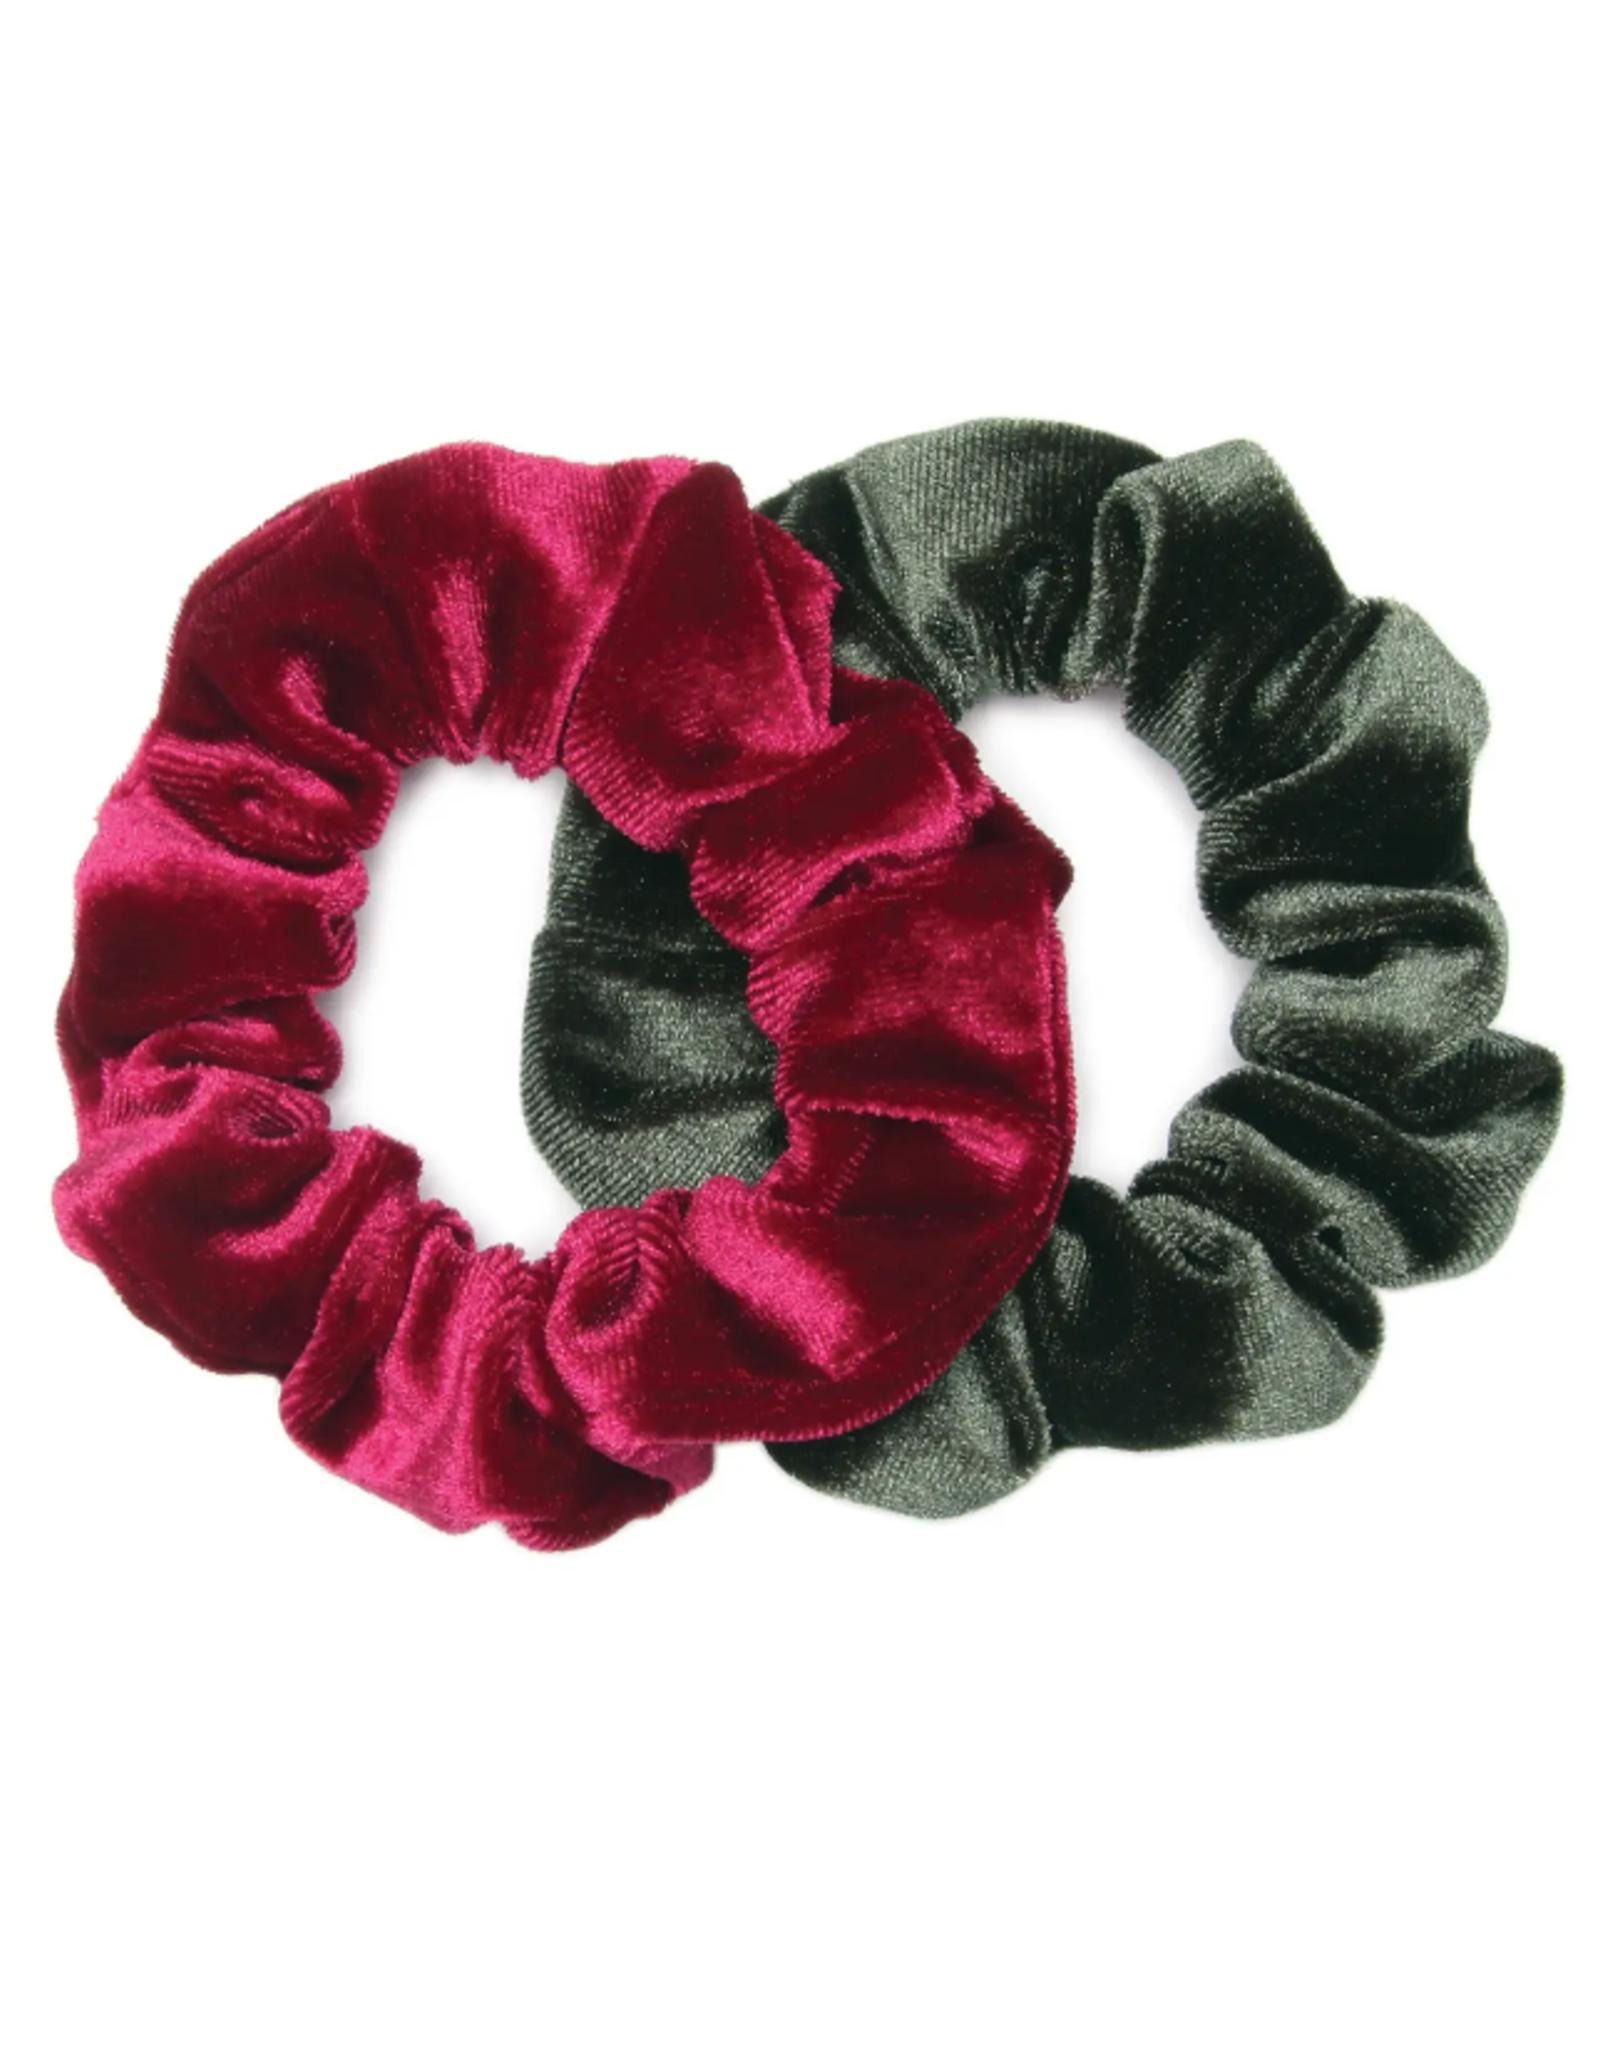 Banded Encore velvet scrunchies